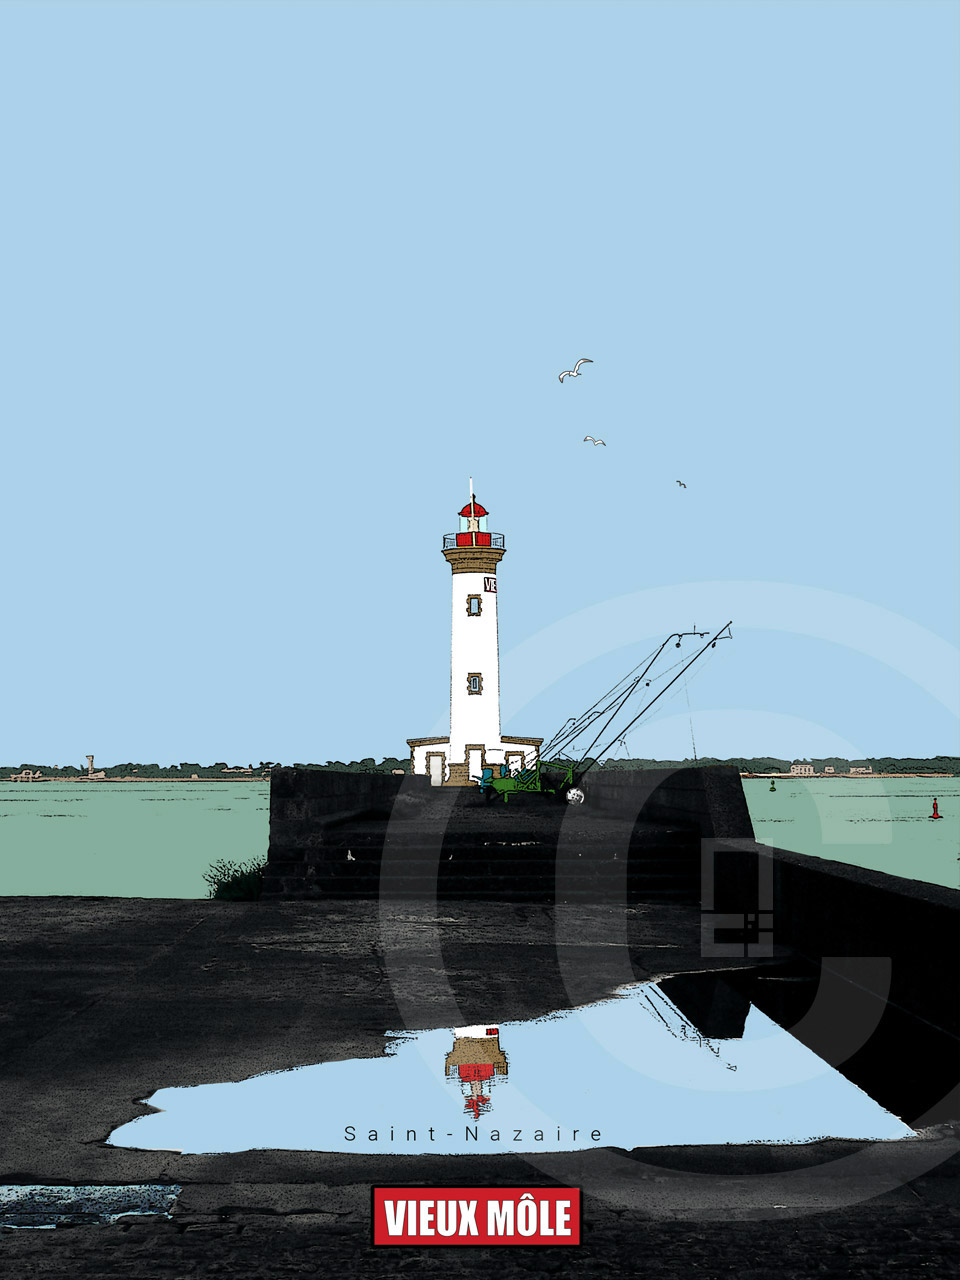 Affiche graphiquement Vieux Môle - Port de Saint-Nazaire